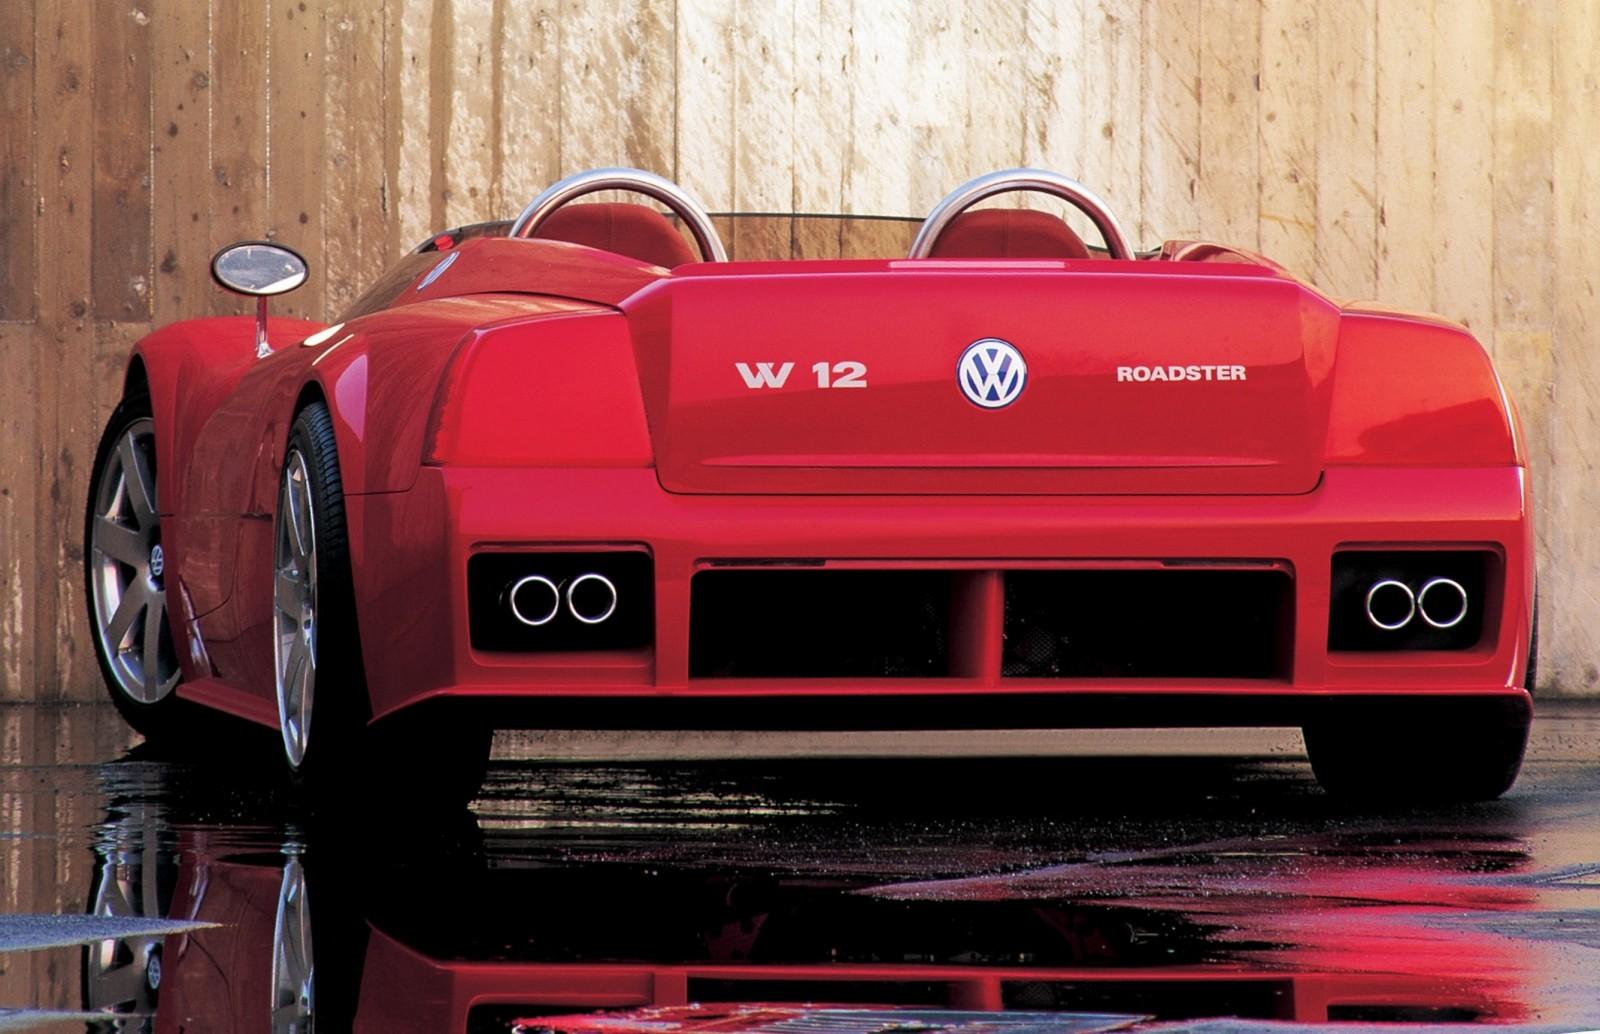 1998 Volkswagen W12 Roadster 19